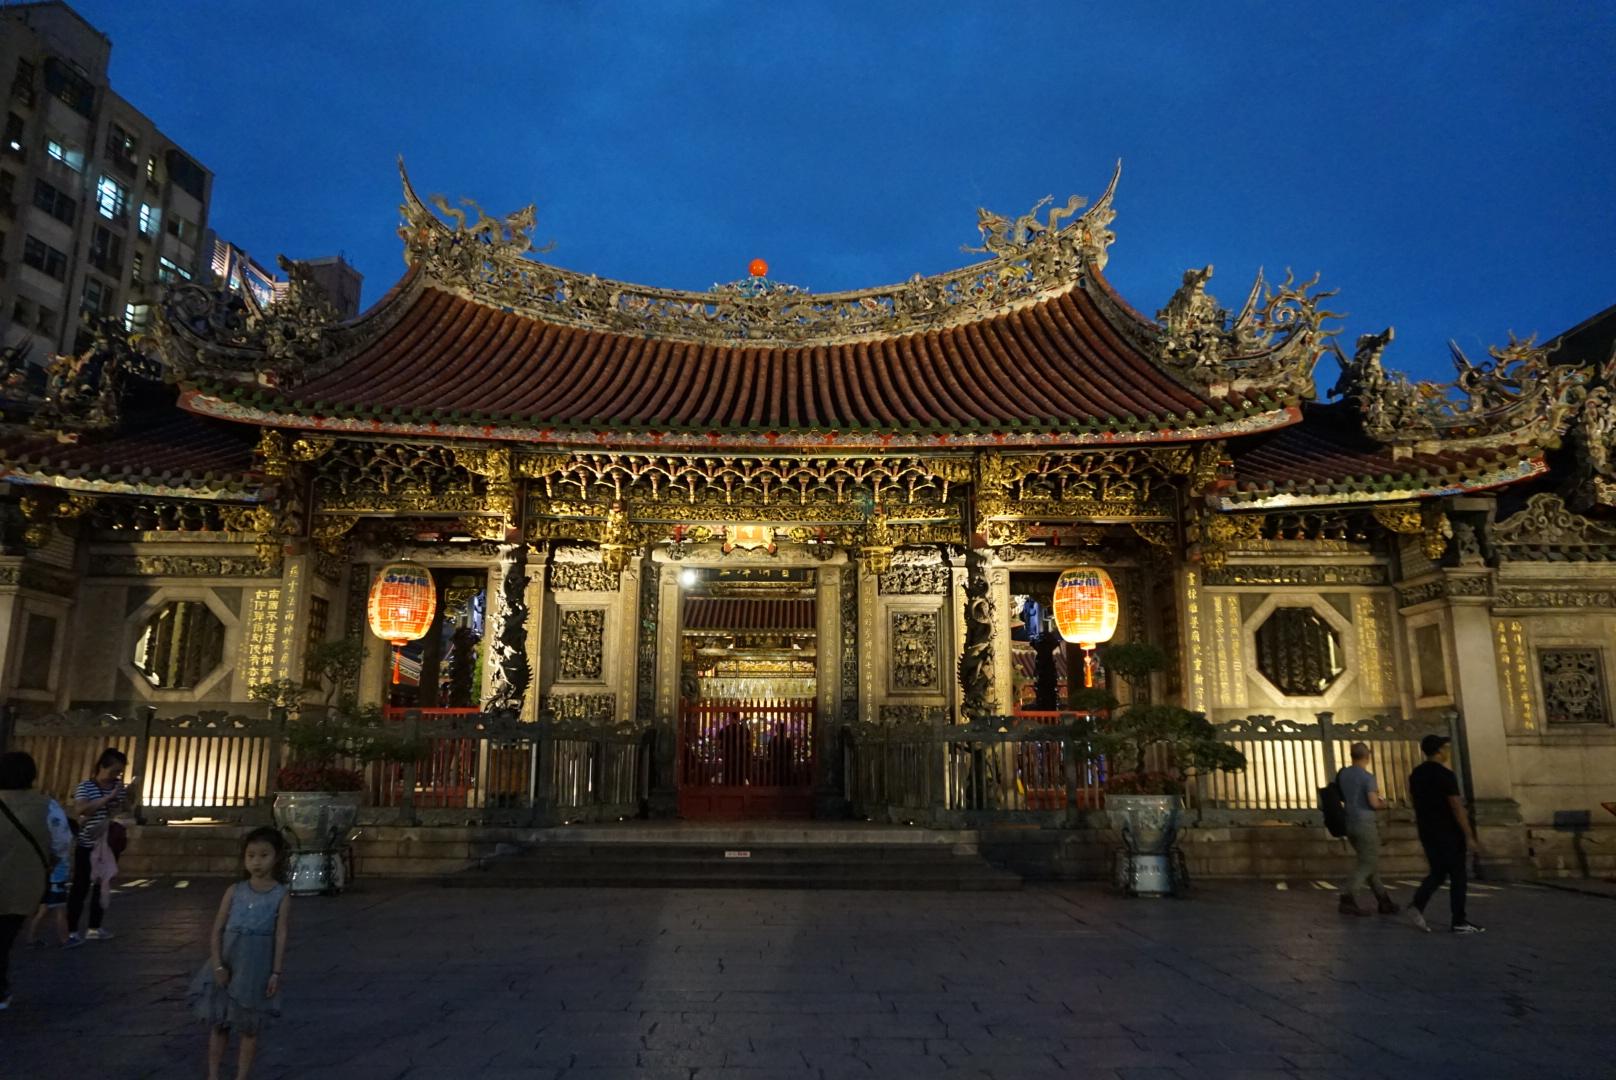 룽산사(龍山寺)의 야경과 쑨원(孫文)의 국부기념관